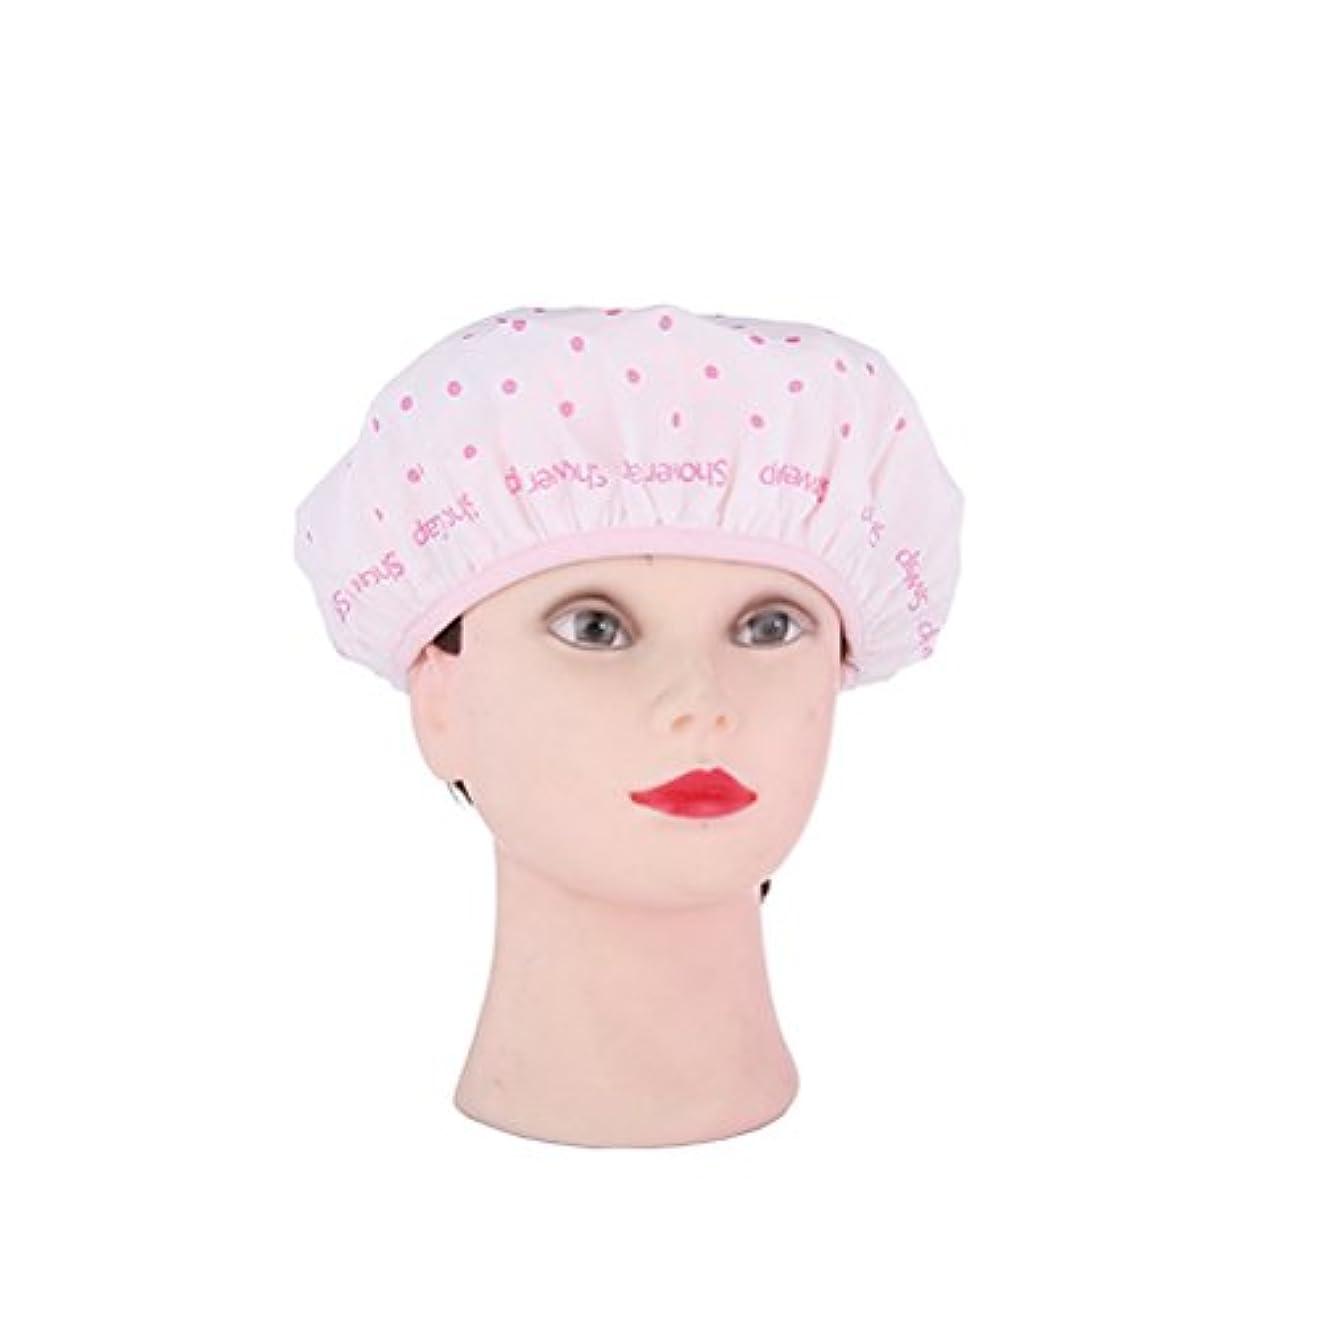 肌寒い雑多な半導体HEALLILY シャワーの帽子女性の子供のための防水シャワーの帽子のBathのシャワーの毛の帽子